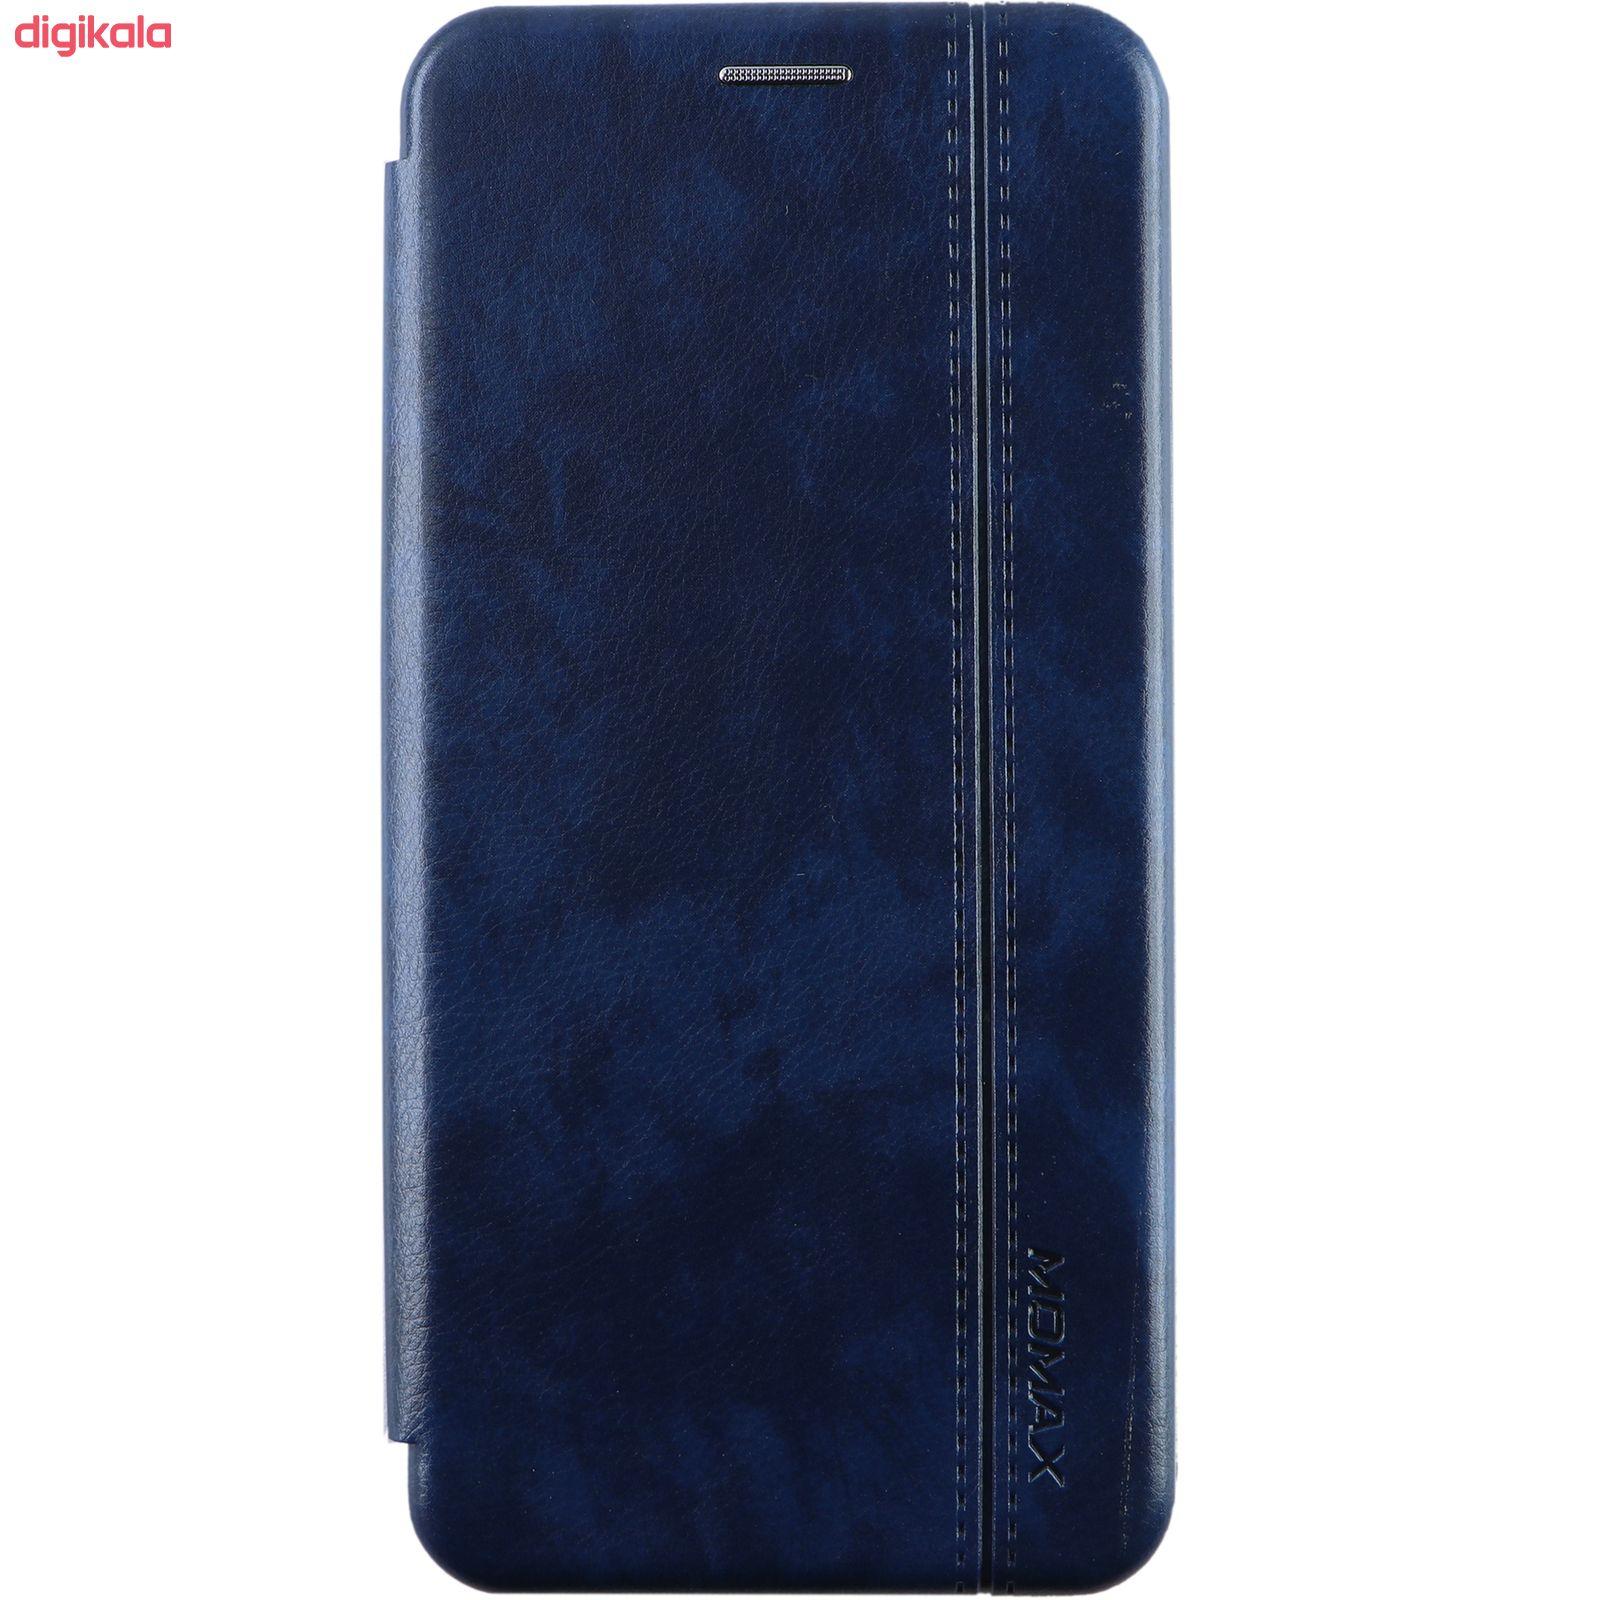 کیف کلاسوری مدل TX-818 مناسب برای گوشی موبایل هوآوی Y9 Prime 2019 / آنر 9X  main 1 5